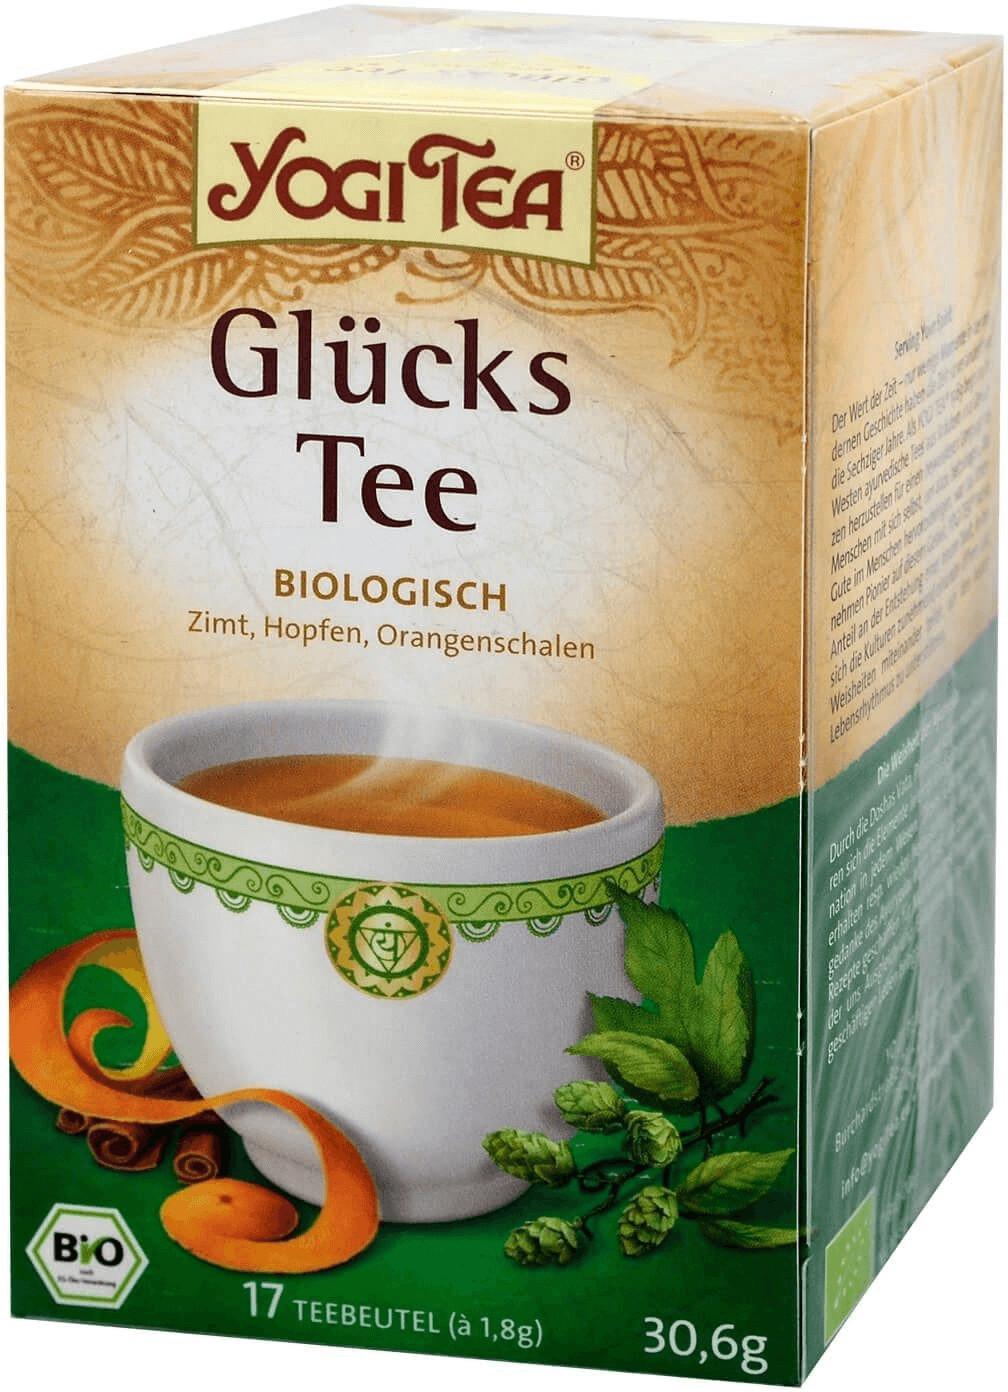 Yogi Tea Glückstee (17 Stk.)